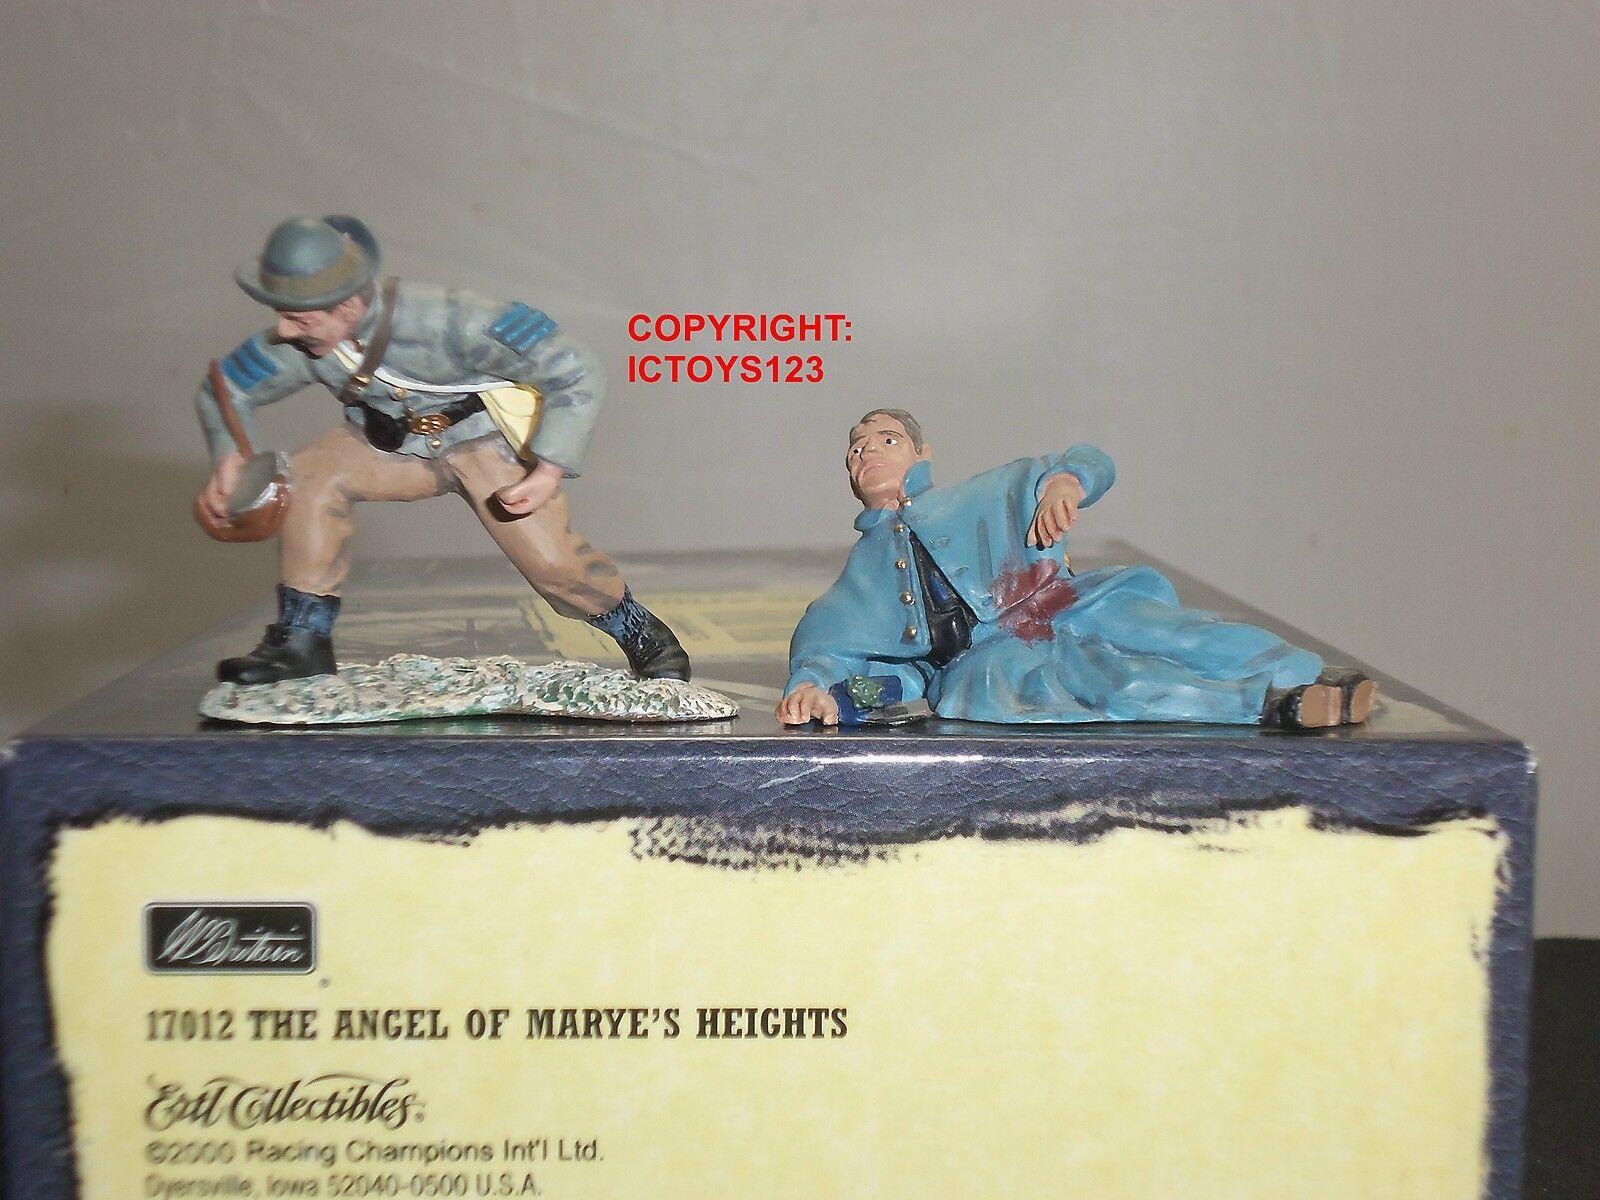 Britains 17012 American Angel of Marye'S Heights METAL Toy Soldier Figure Set